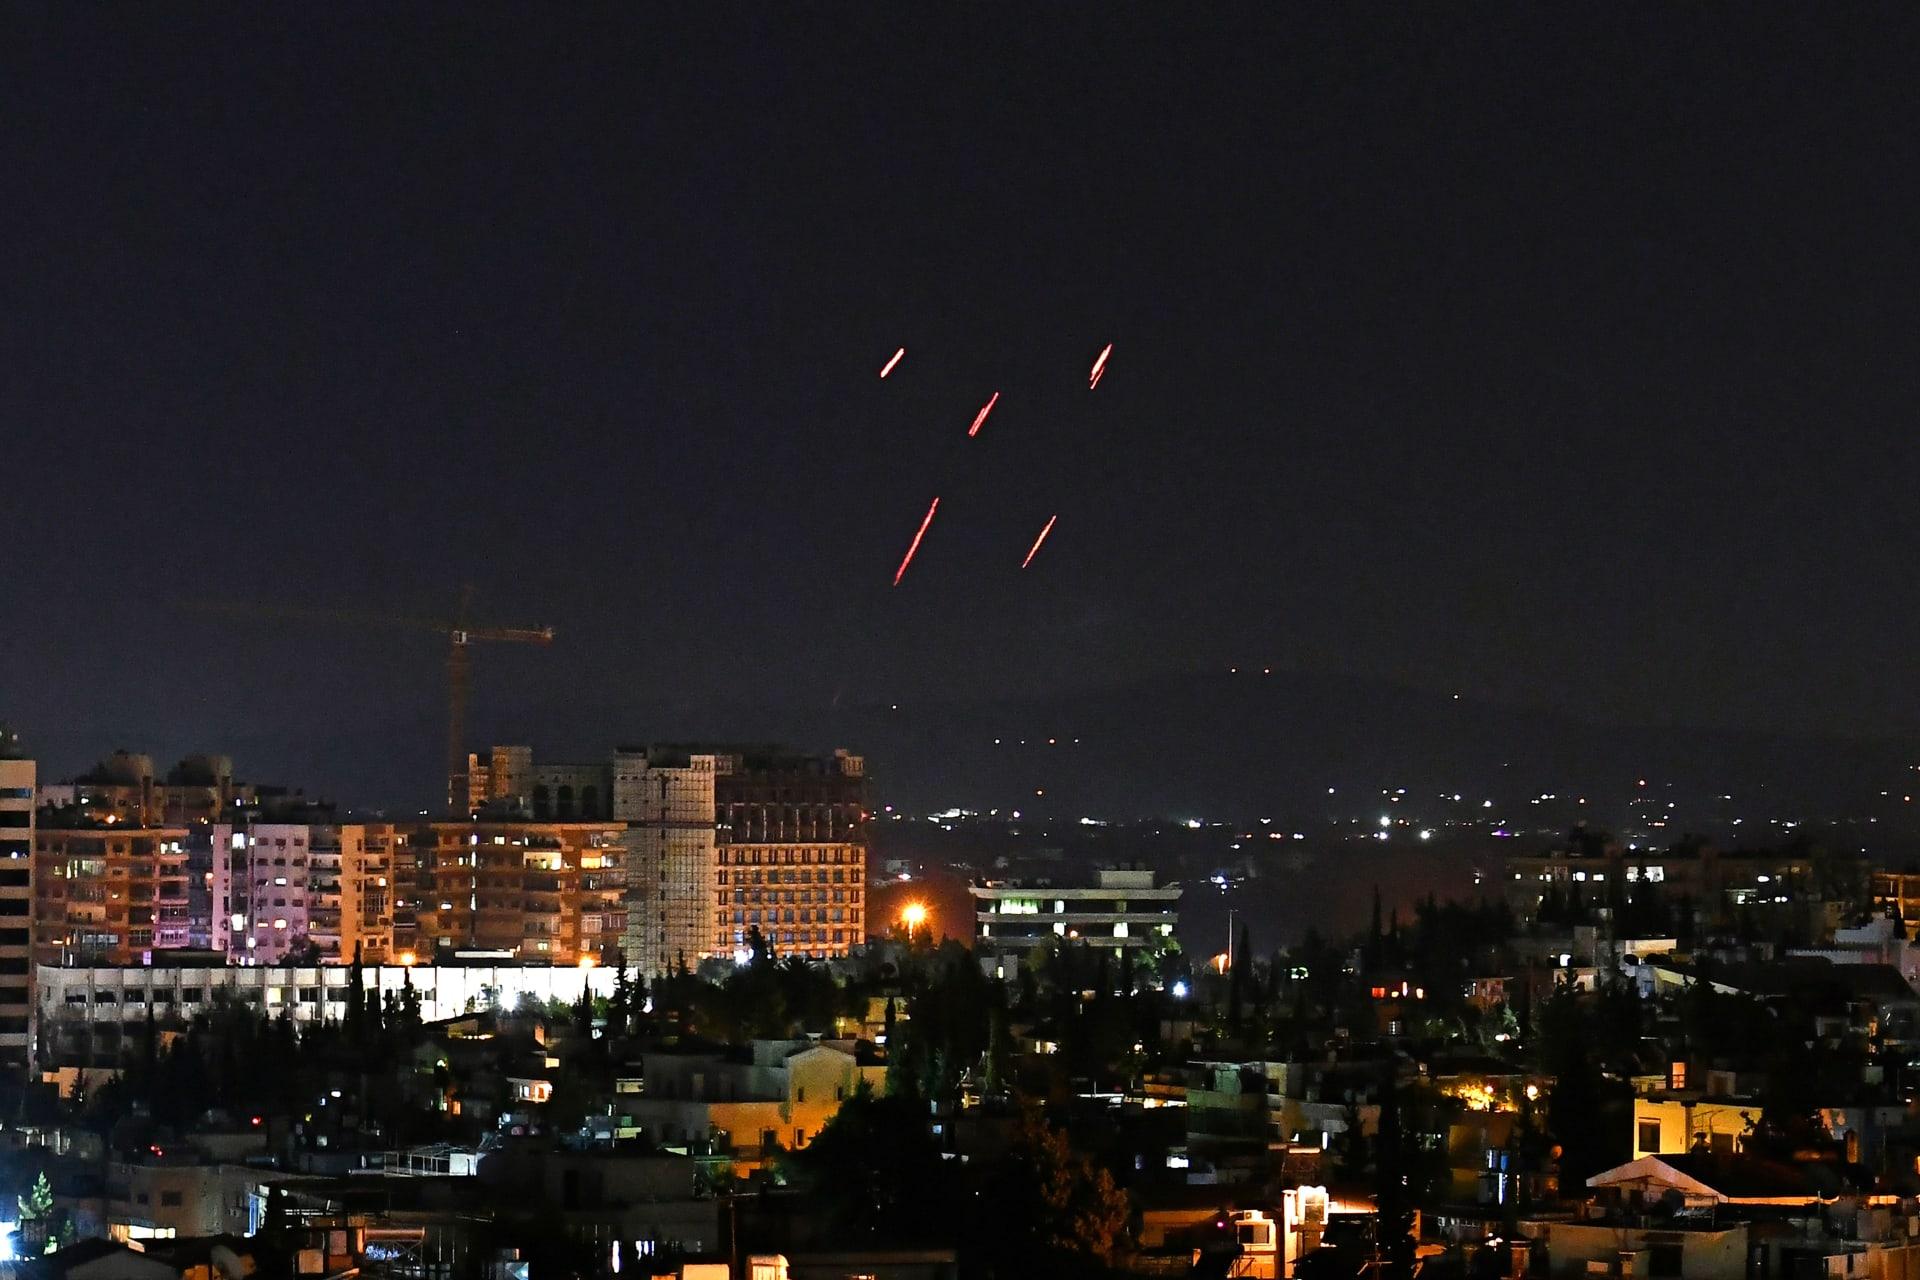 التليفزيون السوري: سماع دوي انفجار في مجدل شمس بالجولان